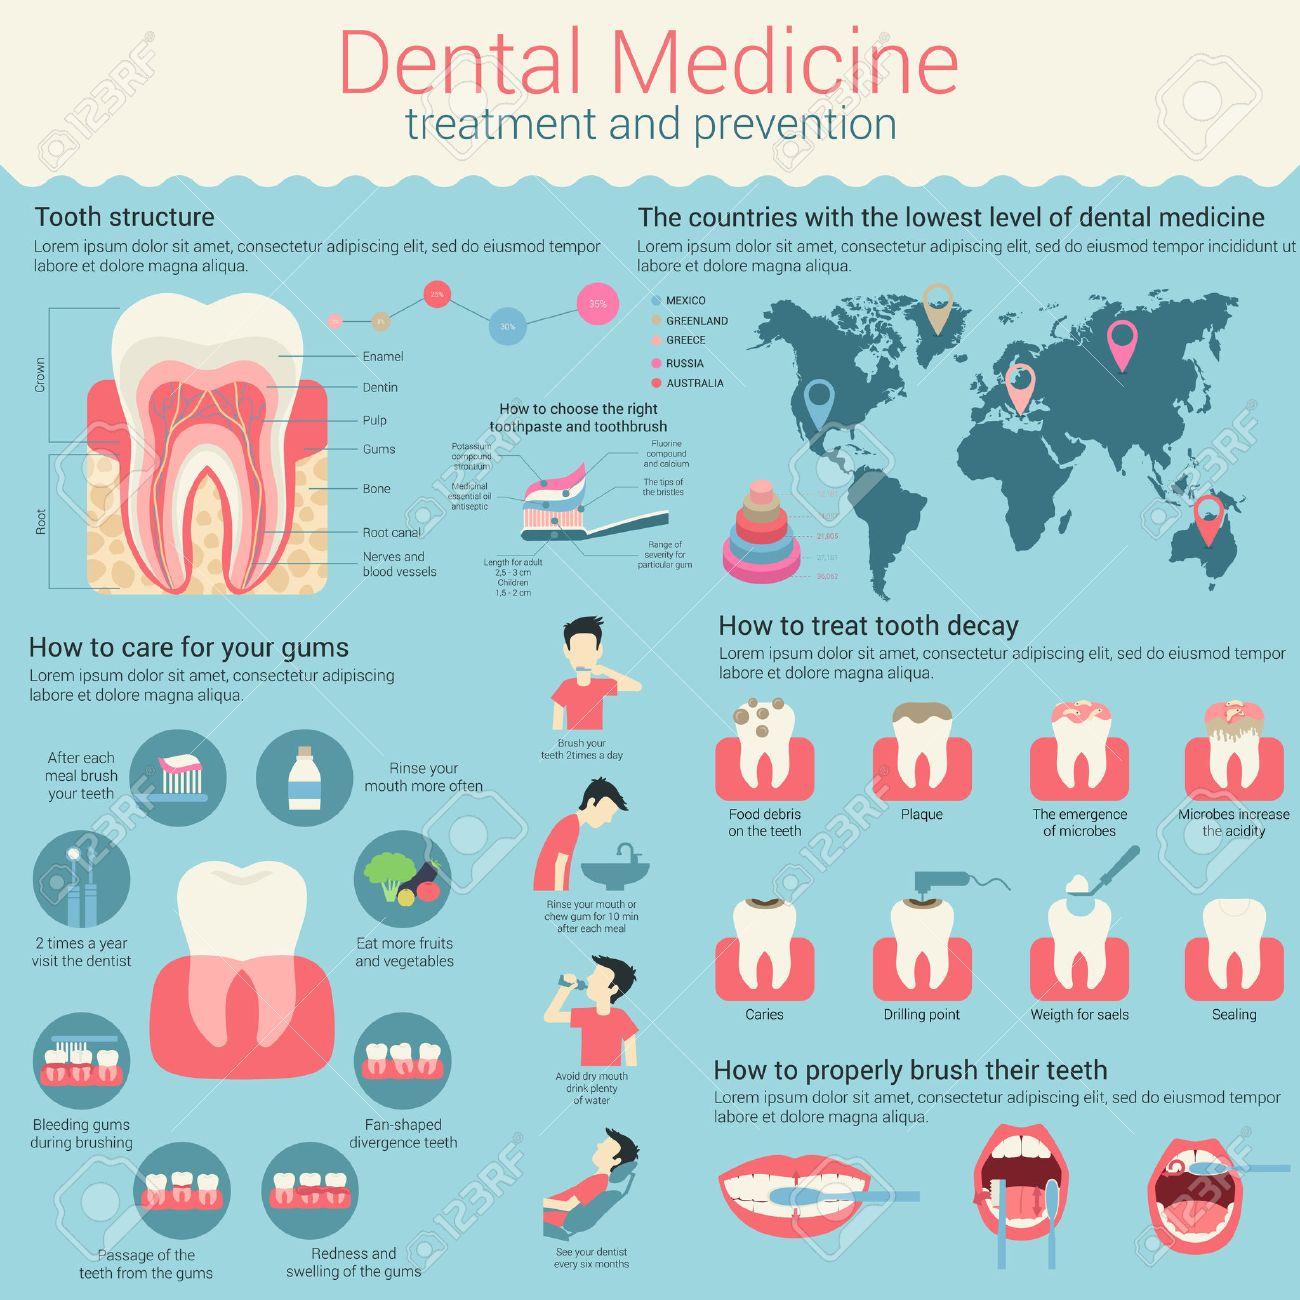 Zahnmedizin Infografik oder Infochart-Layout mit Linien- und Kreisdiagramme oder Diagramme und Weltkarte. Vorlage mit Zahnstruktur und Wege Zähne Zerfall zu behandeln, wie das Zahnfleisch zu pflegen und wie Zahnpasta und Zahnbürste zu wählen Standard-Bild - 60018899